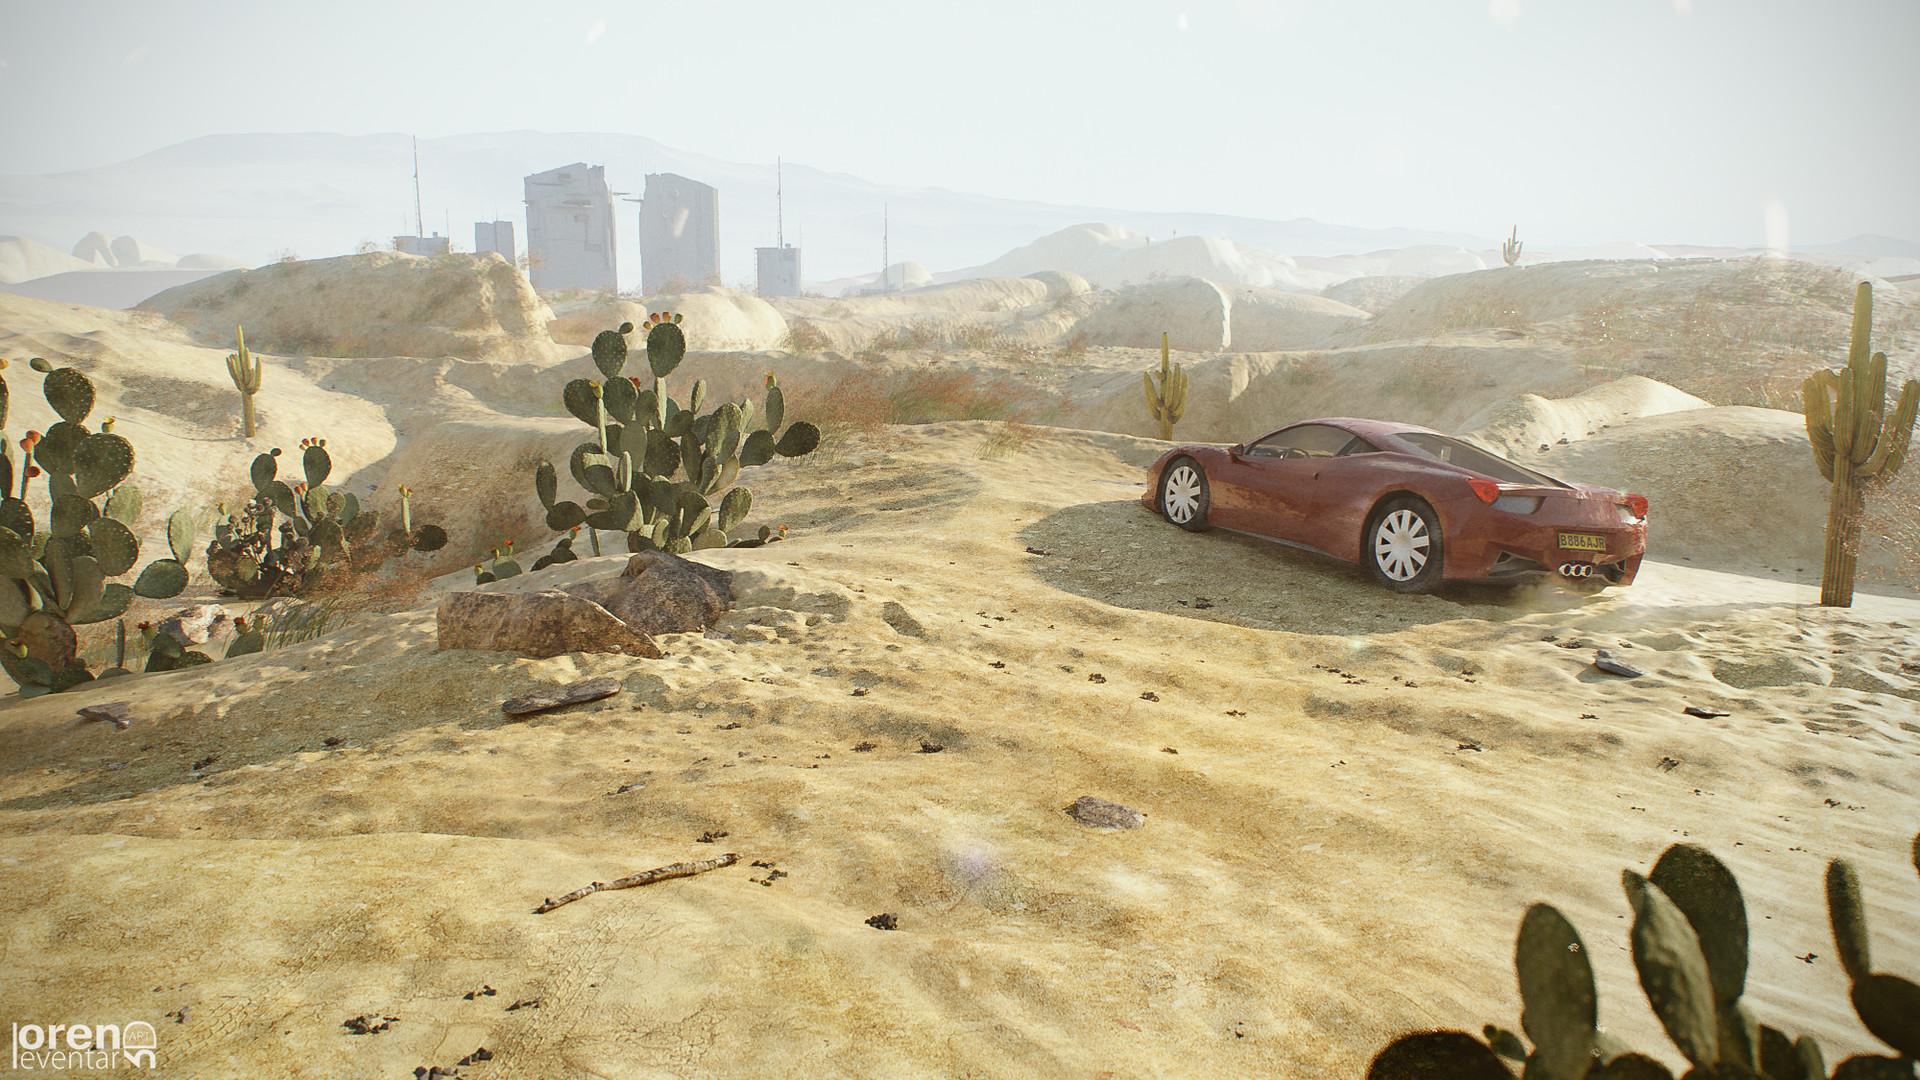 Oren leventar day desert p